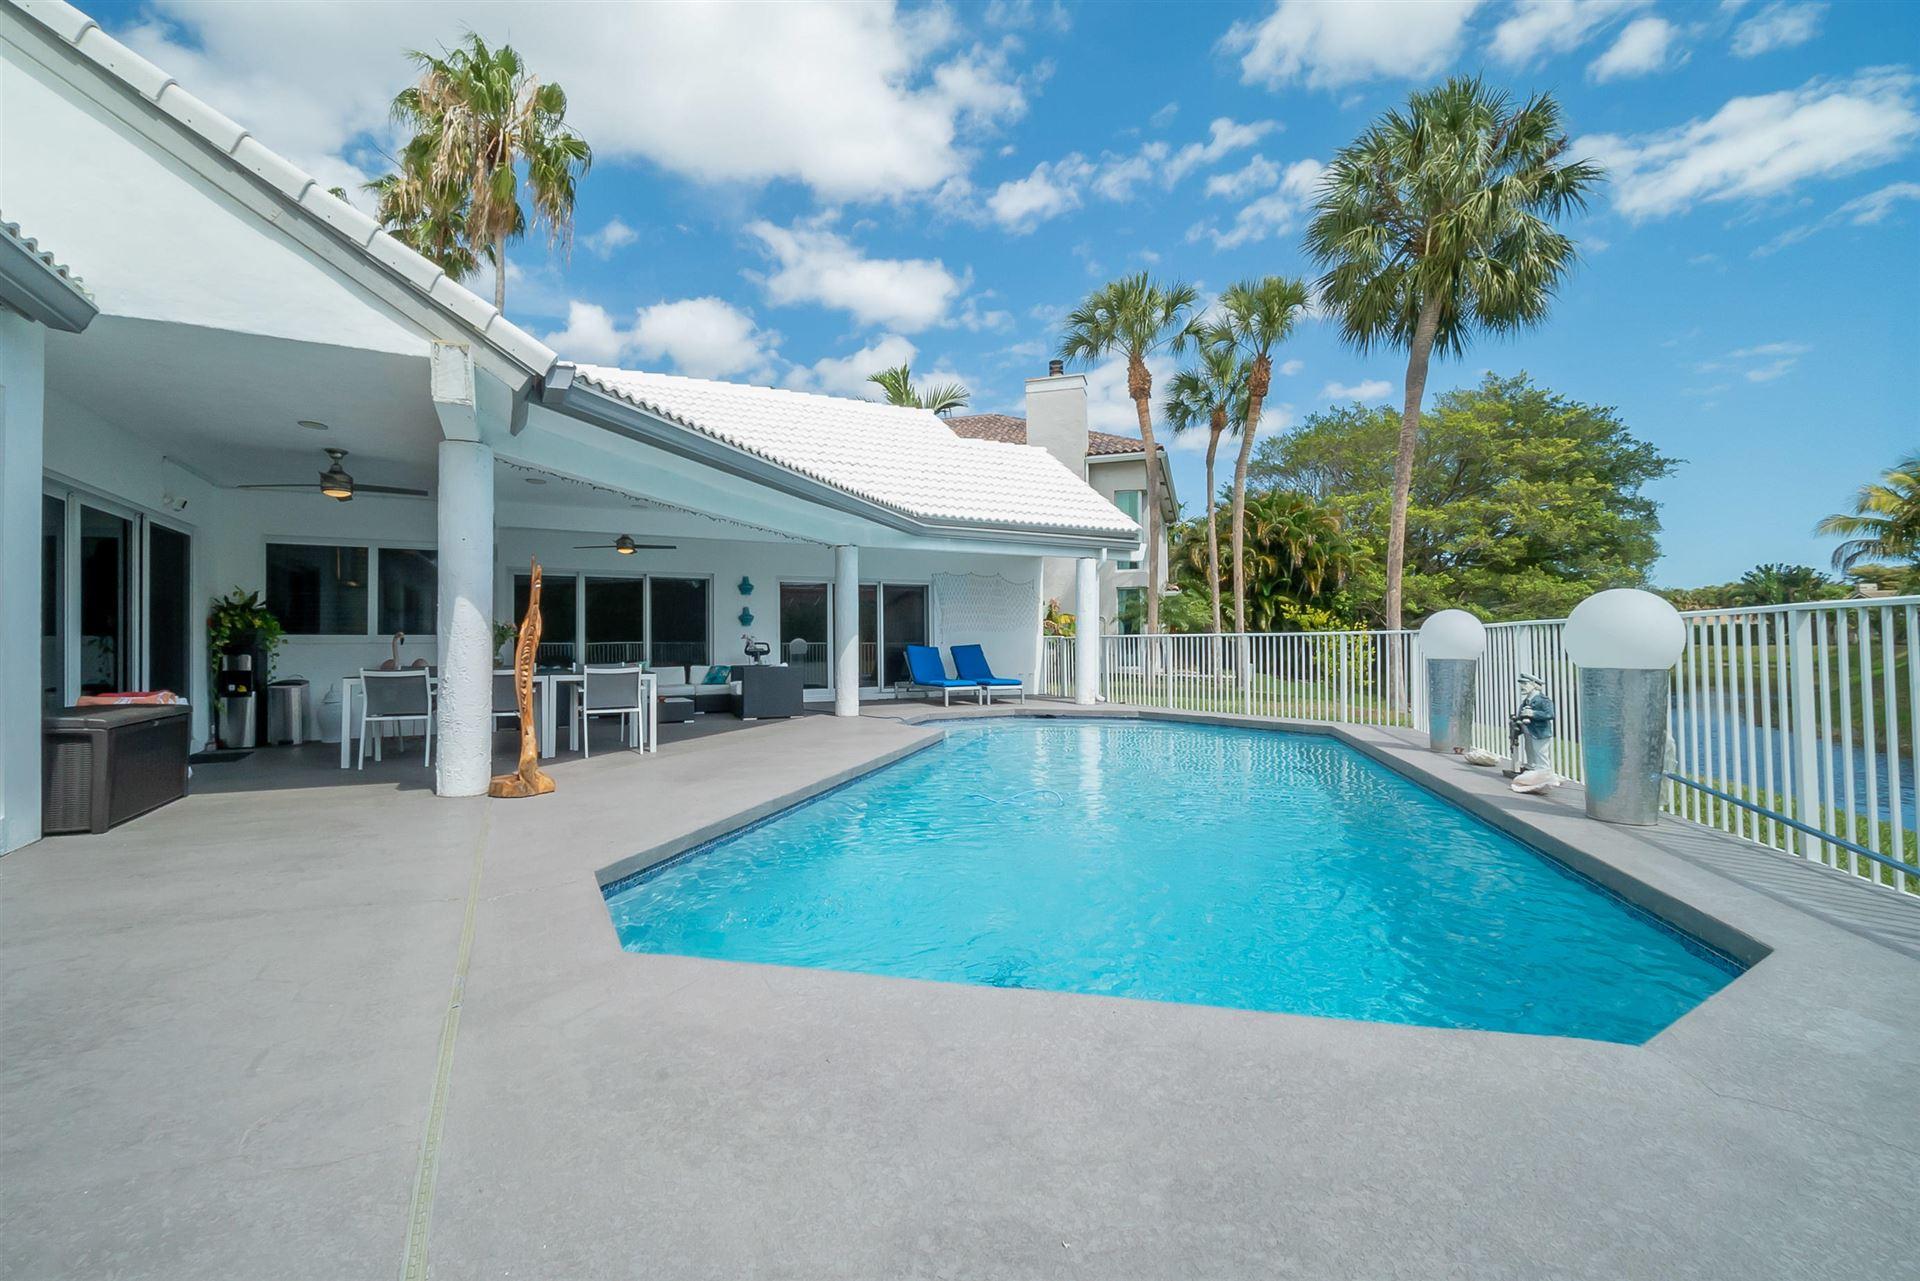 Photo of 1220 Parkside Avenue, Boca Raton, FL 33486 (MLS # RX-10708289)